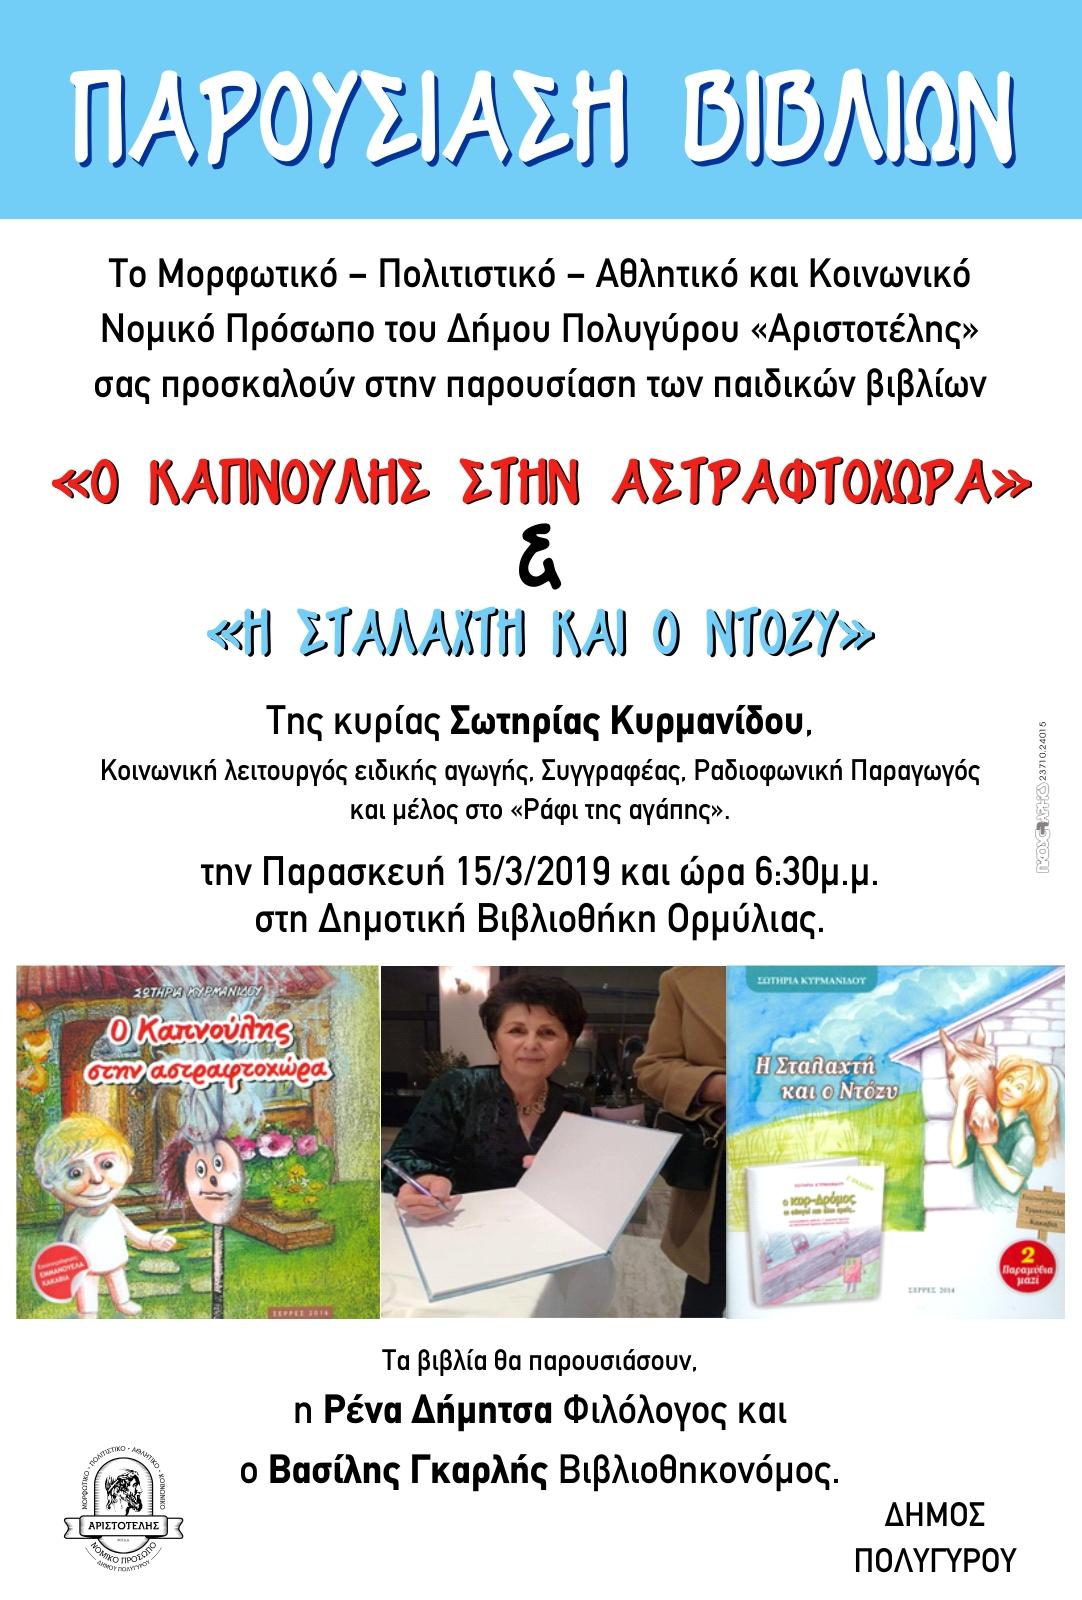 Παρουσίαση παιδικών βιβλίων στη Δημοτική Βιβλιοθήκη Ορμύλιας